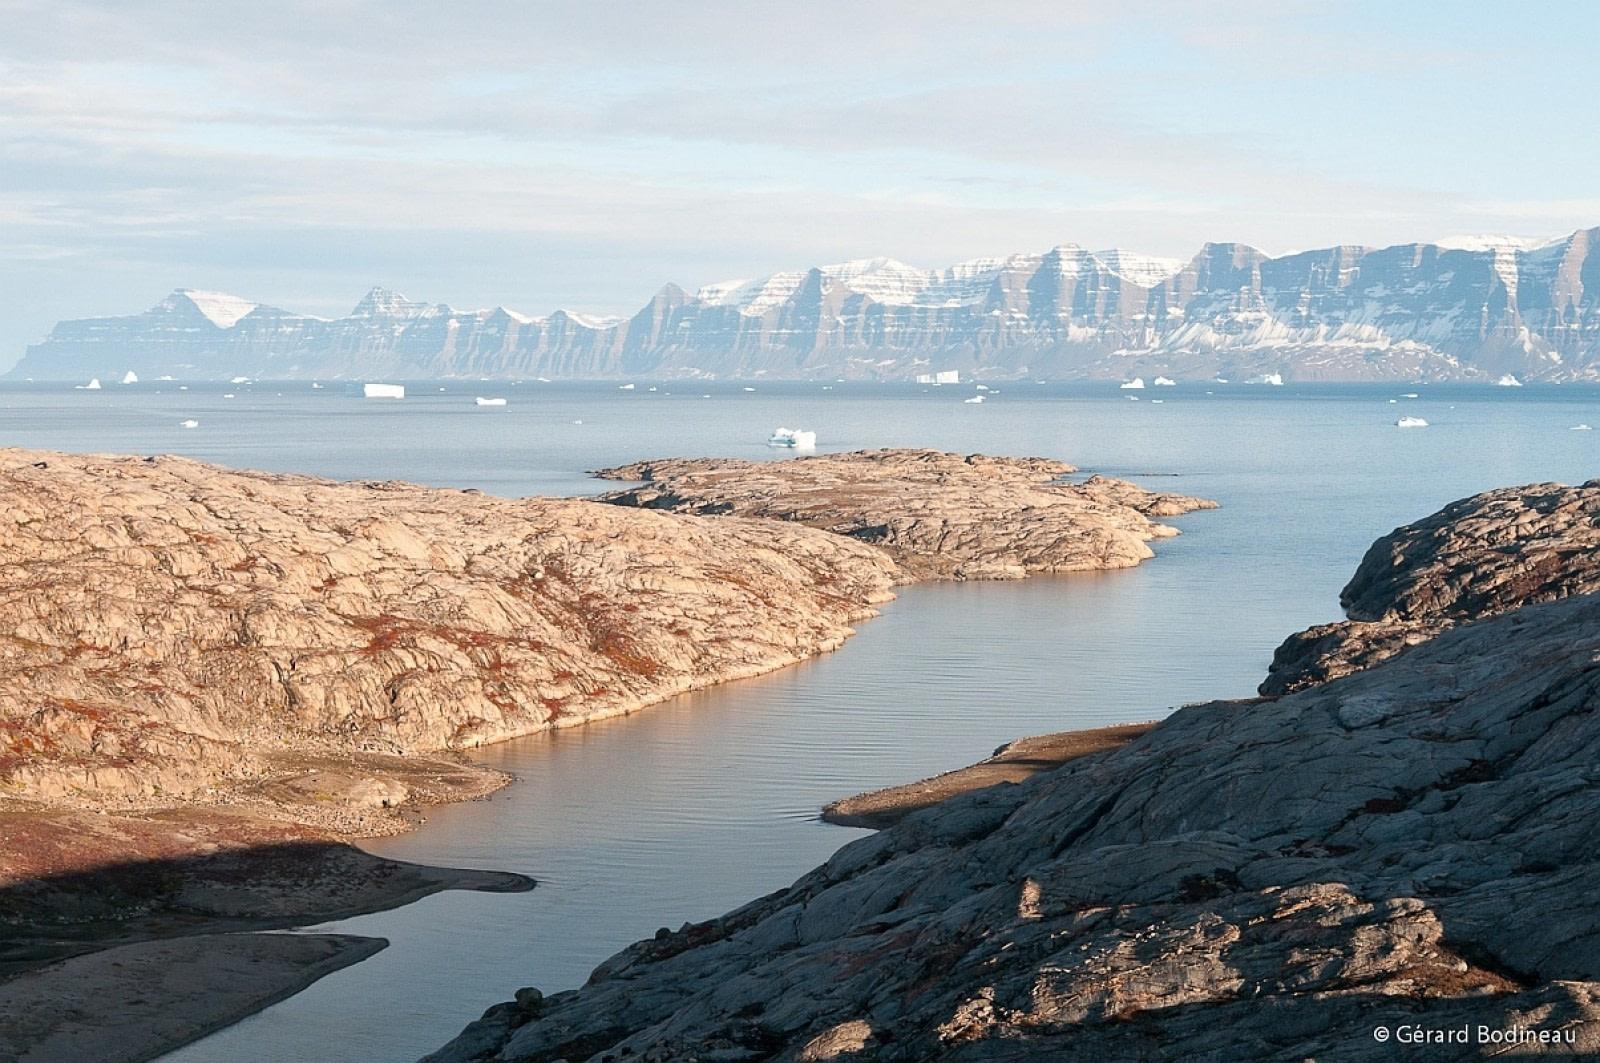 Danmark Ø | Danmark Island